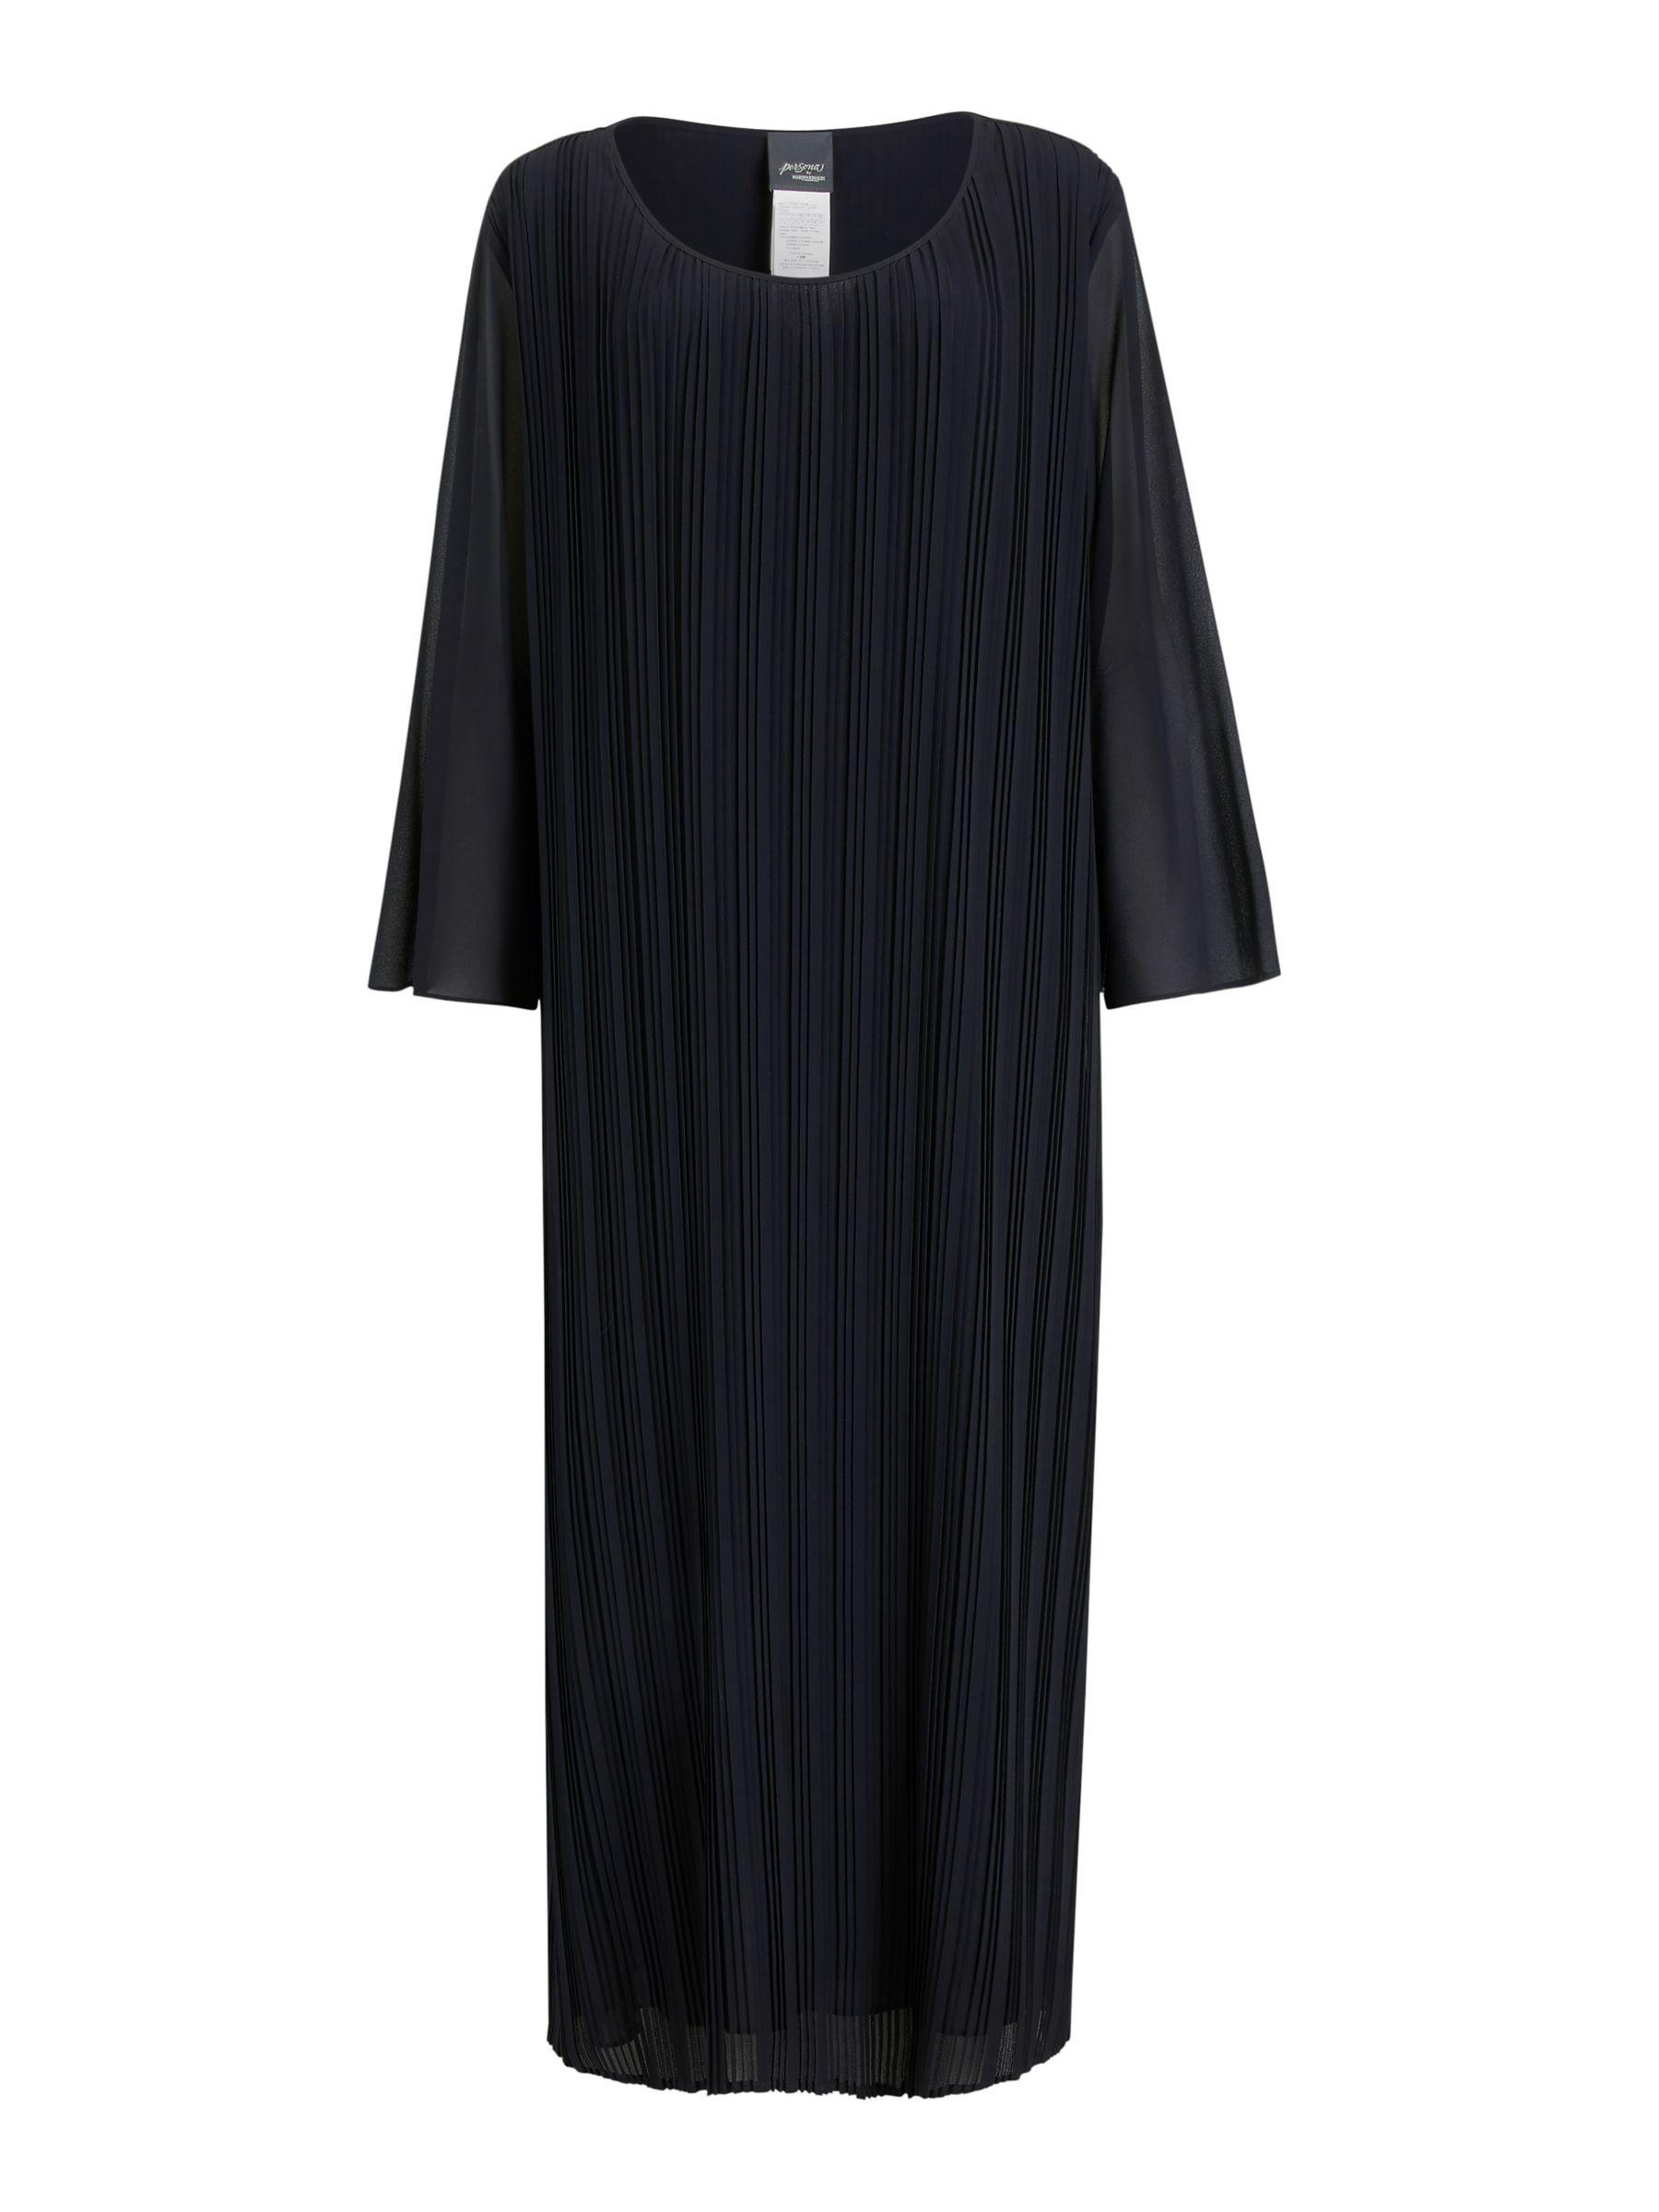 Persona by Marina Rinaldi Persona by Marina Rinaldi Dare Pleated Dress, Navy